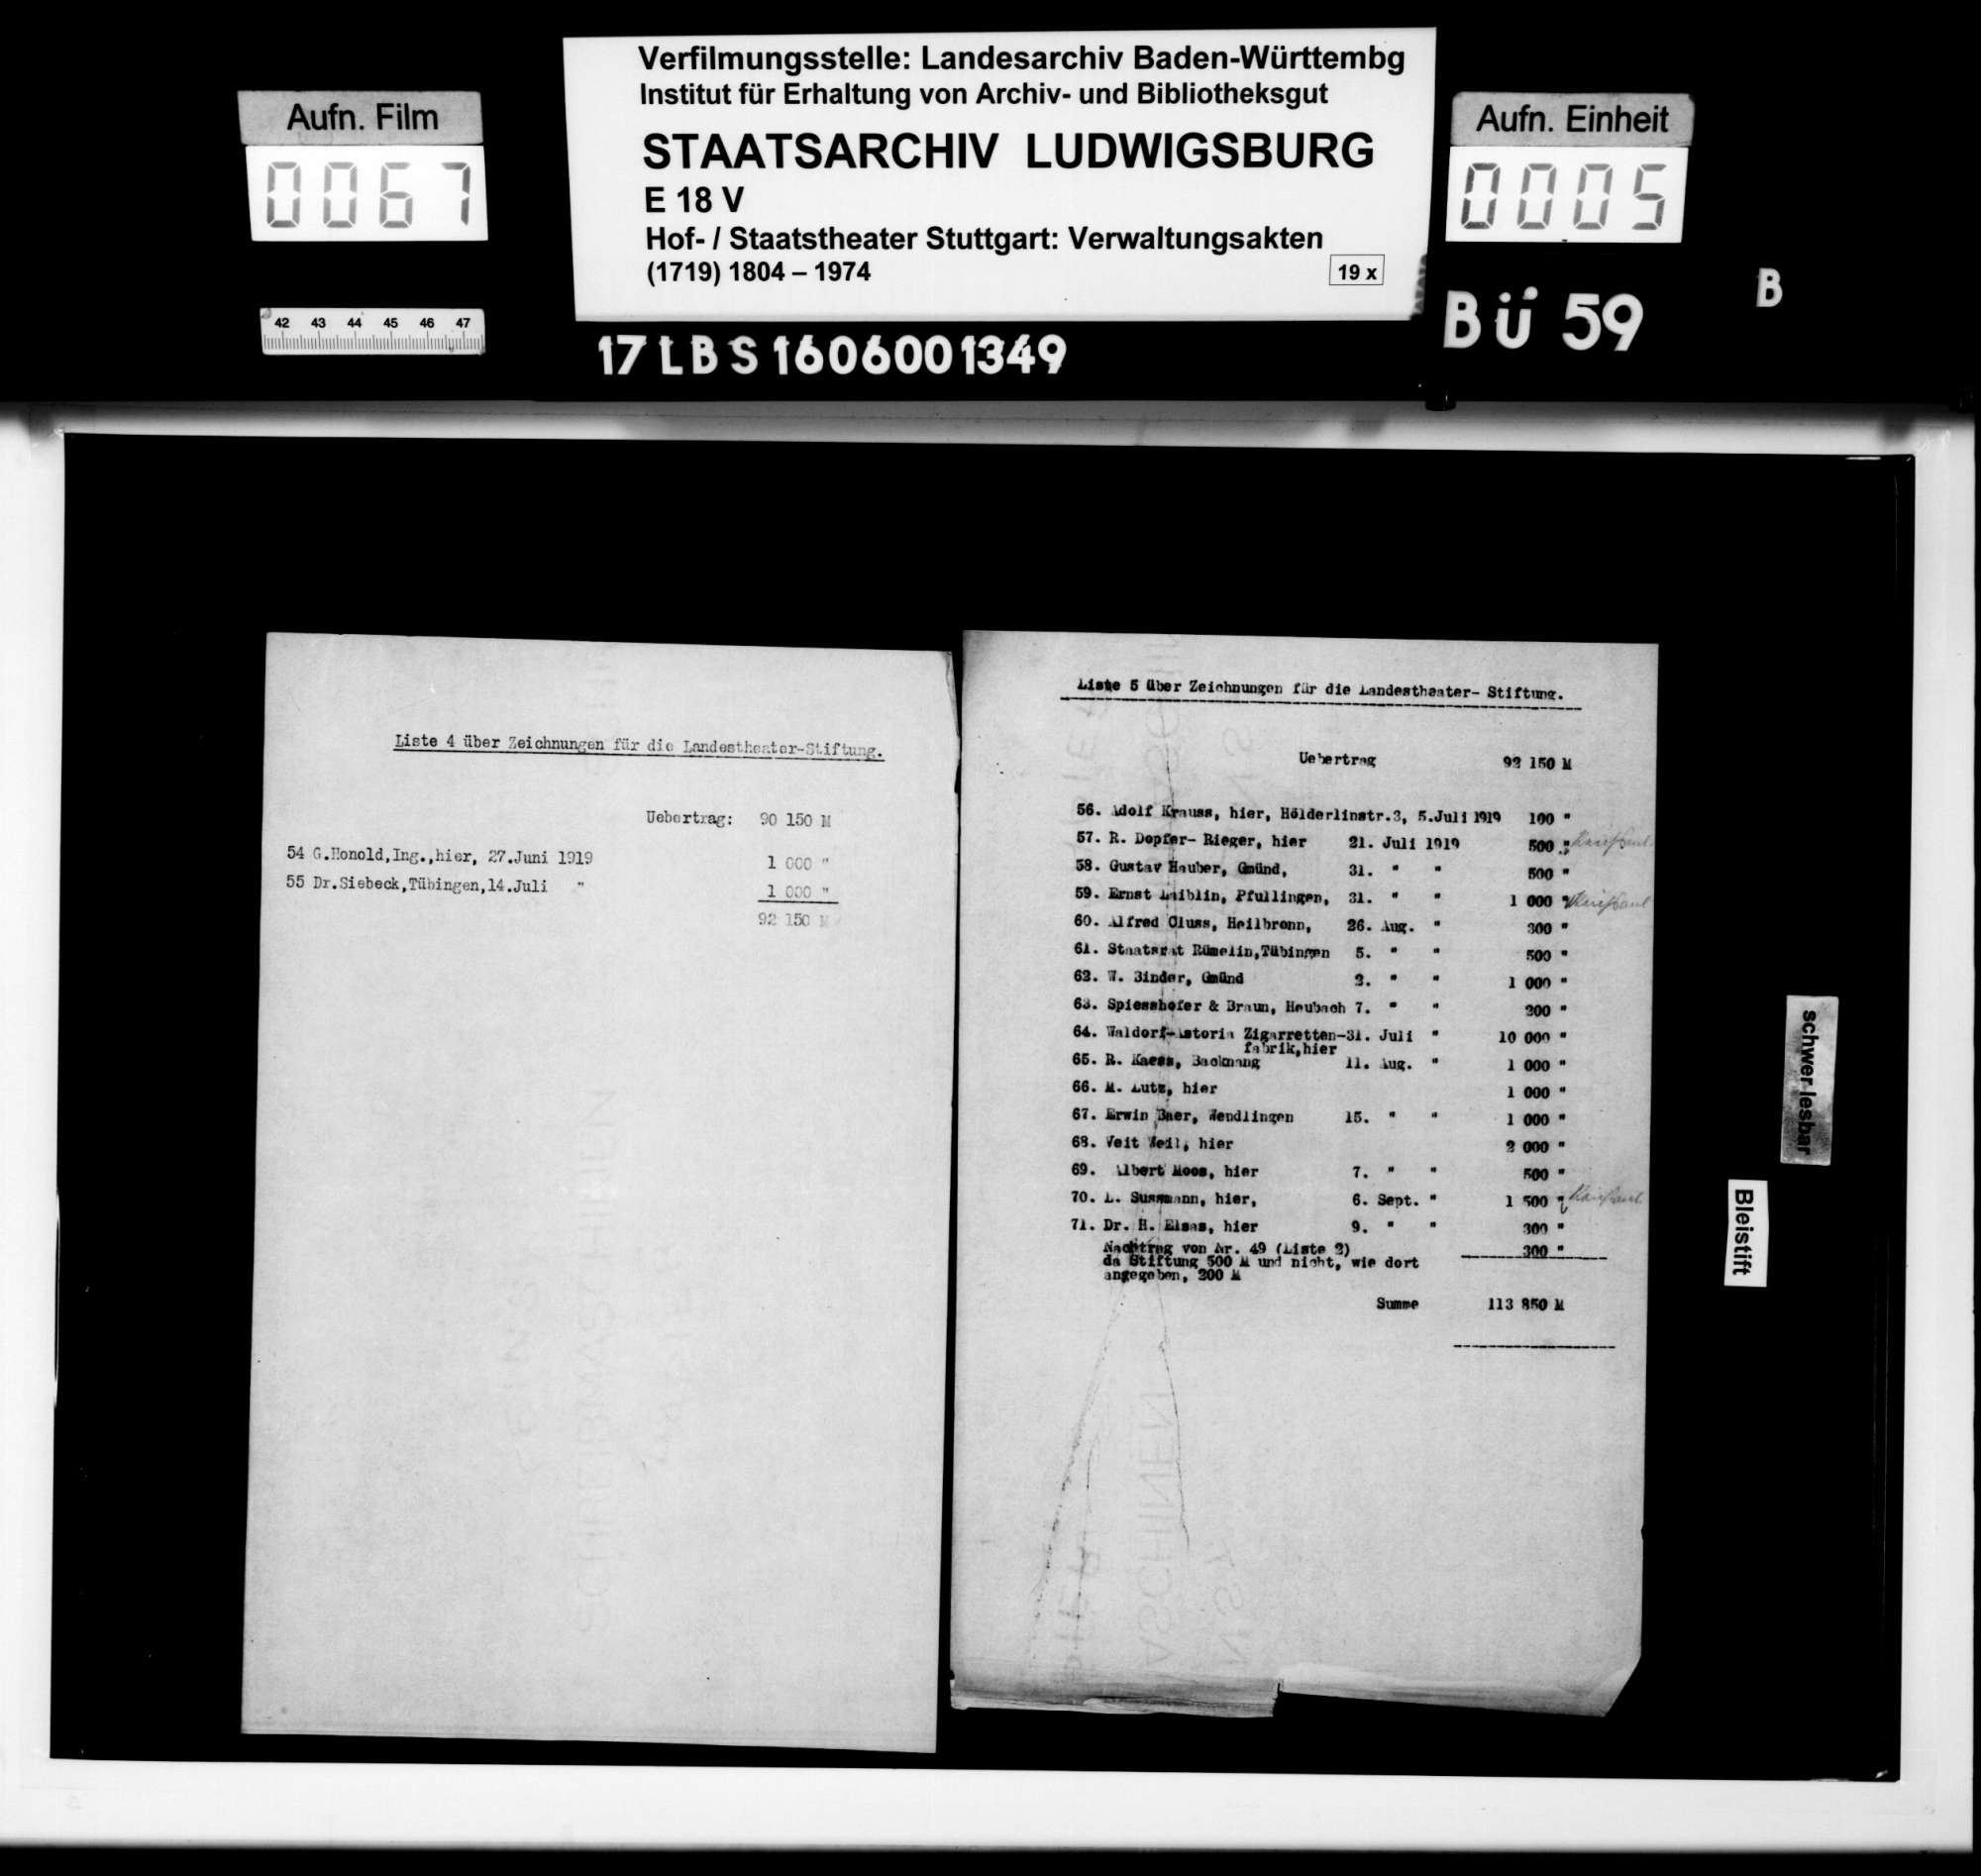 Überweisungen (Zeichnungen) von Geldbeträgen für den Grundstock der Landestheaterstiftung, Bild 3